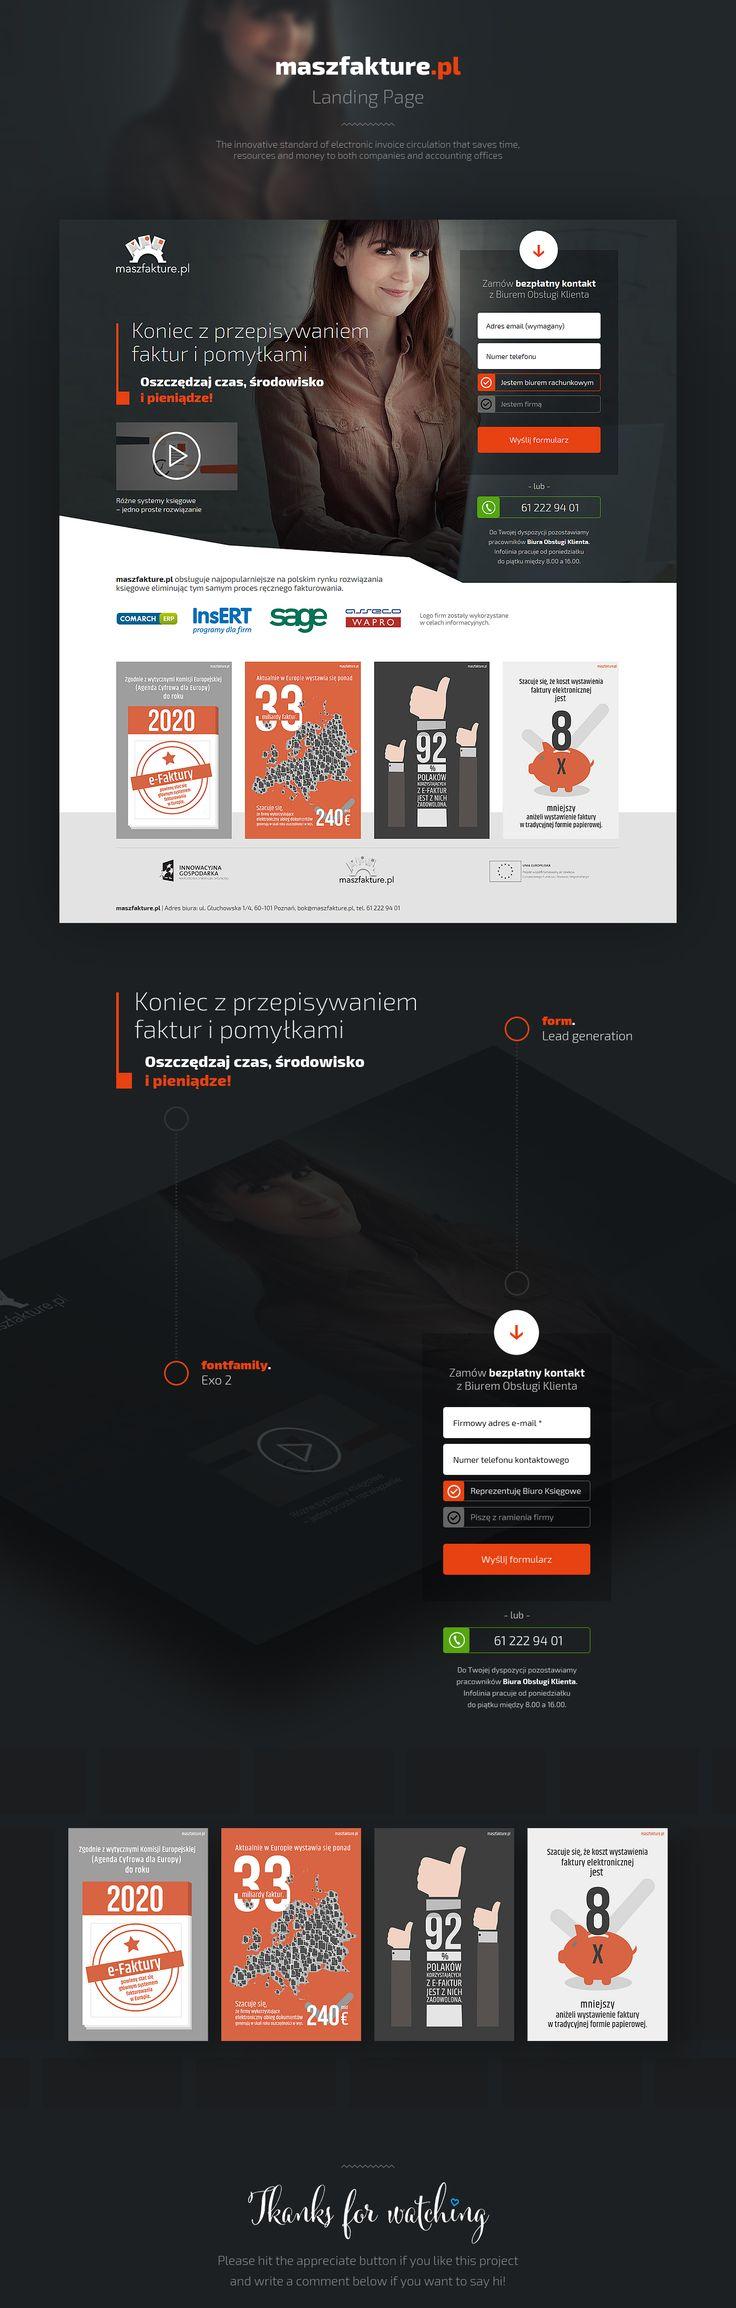 MaszFakture.pl - Landing Page #webdesign #landingpage #web #design #landing #page #piotr #wolniewicz #piotrwolniewicz